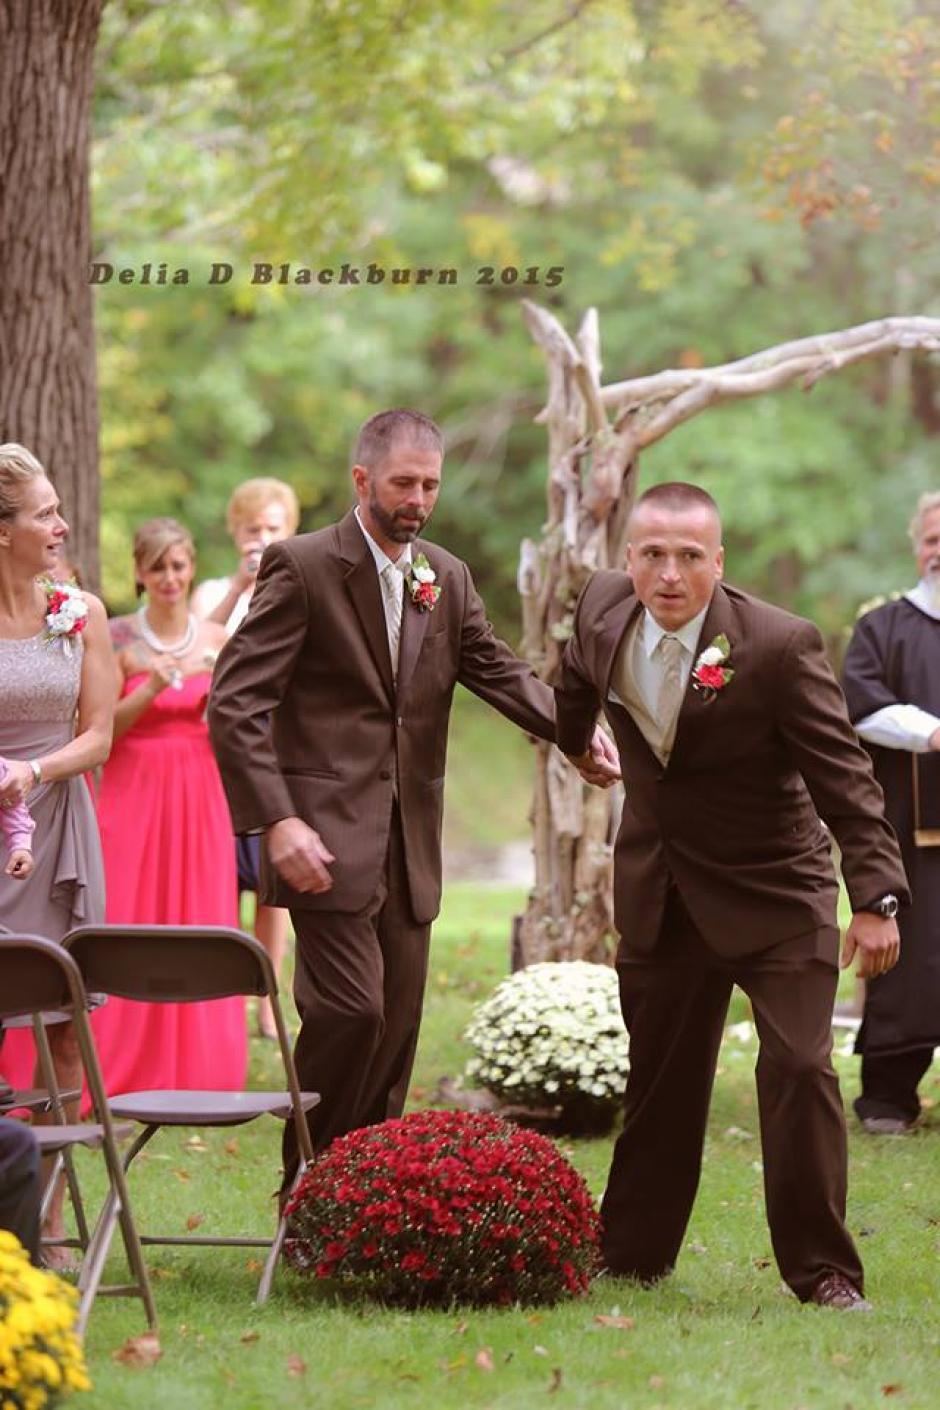 El emotivo momento fue captado en fotografías y aplaudido por todos los asistentes. (Foto: Facebook Delia Blackburn)